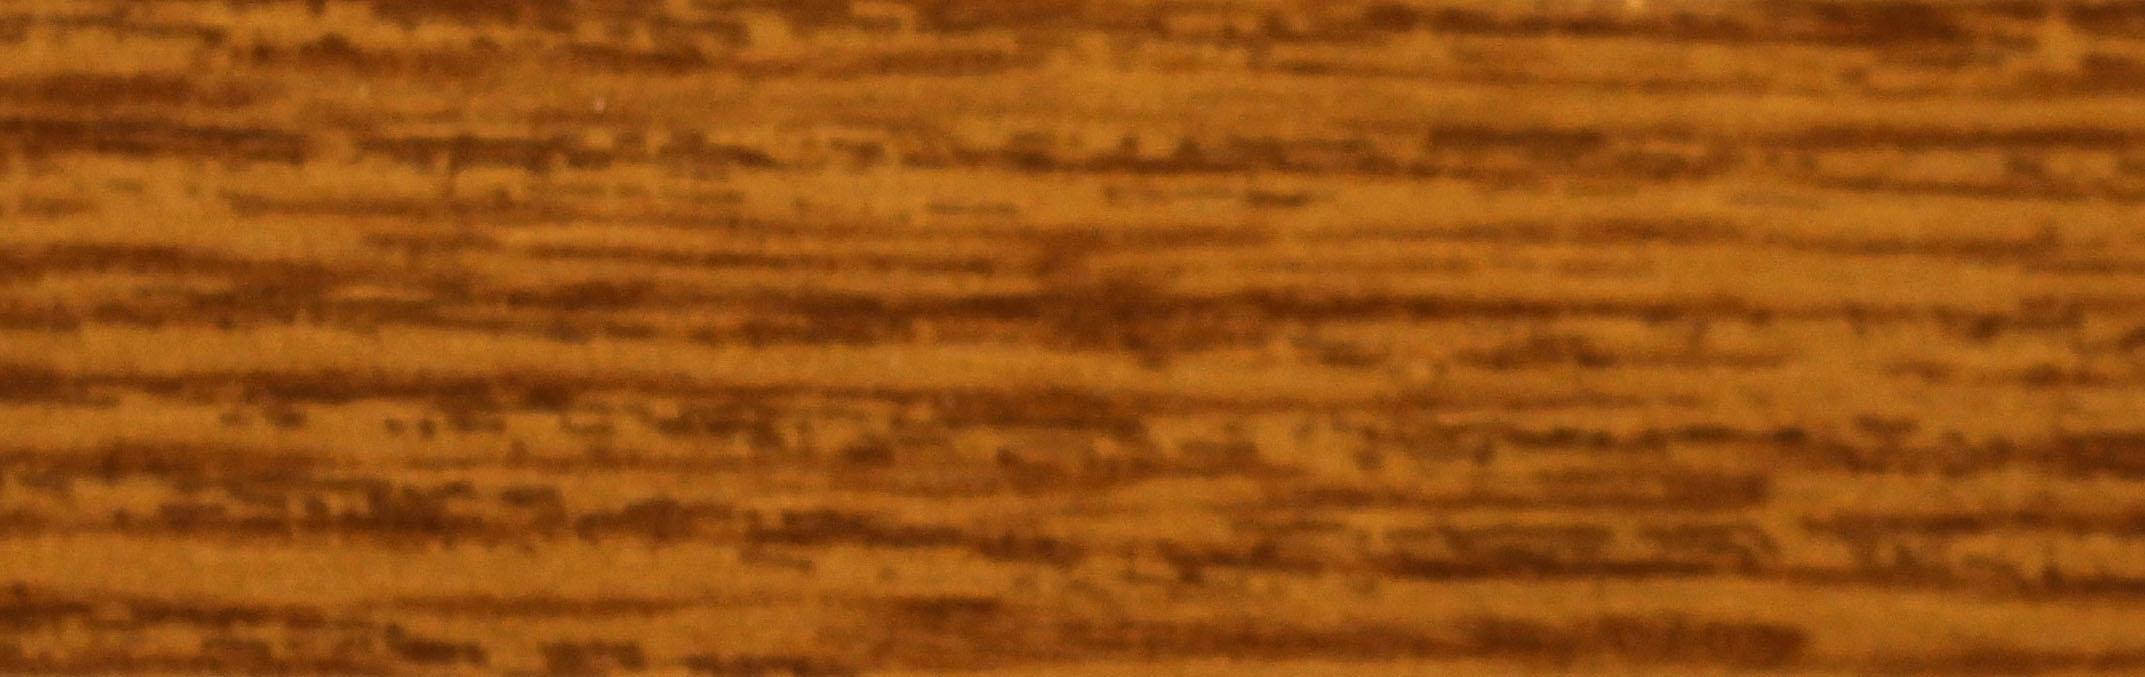 l-6395 -  Roble Gredos  22 x 1 mm